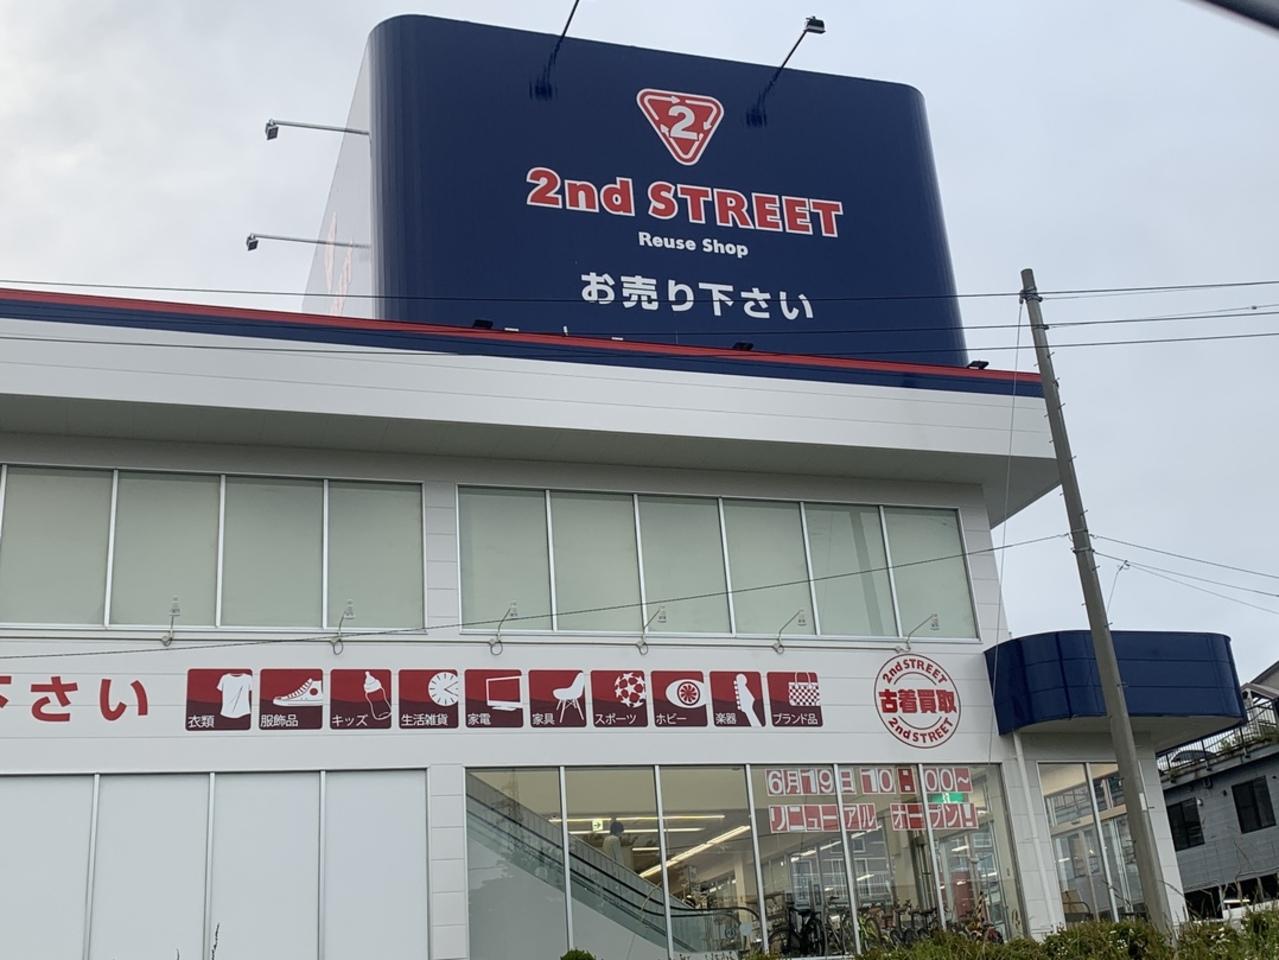 【八戸市】「2nd STREET 」八戸新井田店 21.6.19リニューアルオープンするそうです!